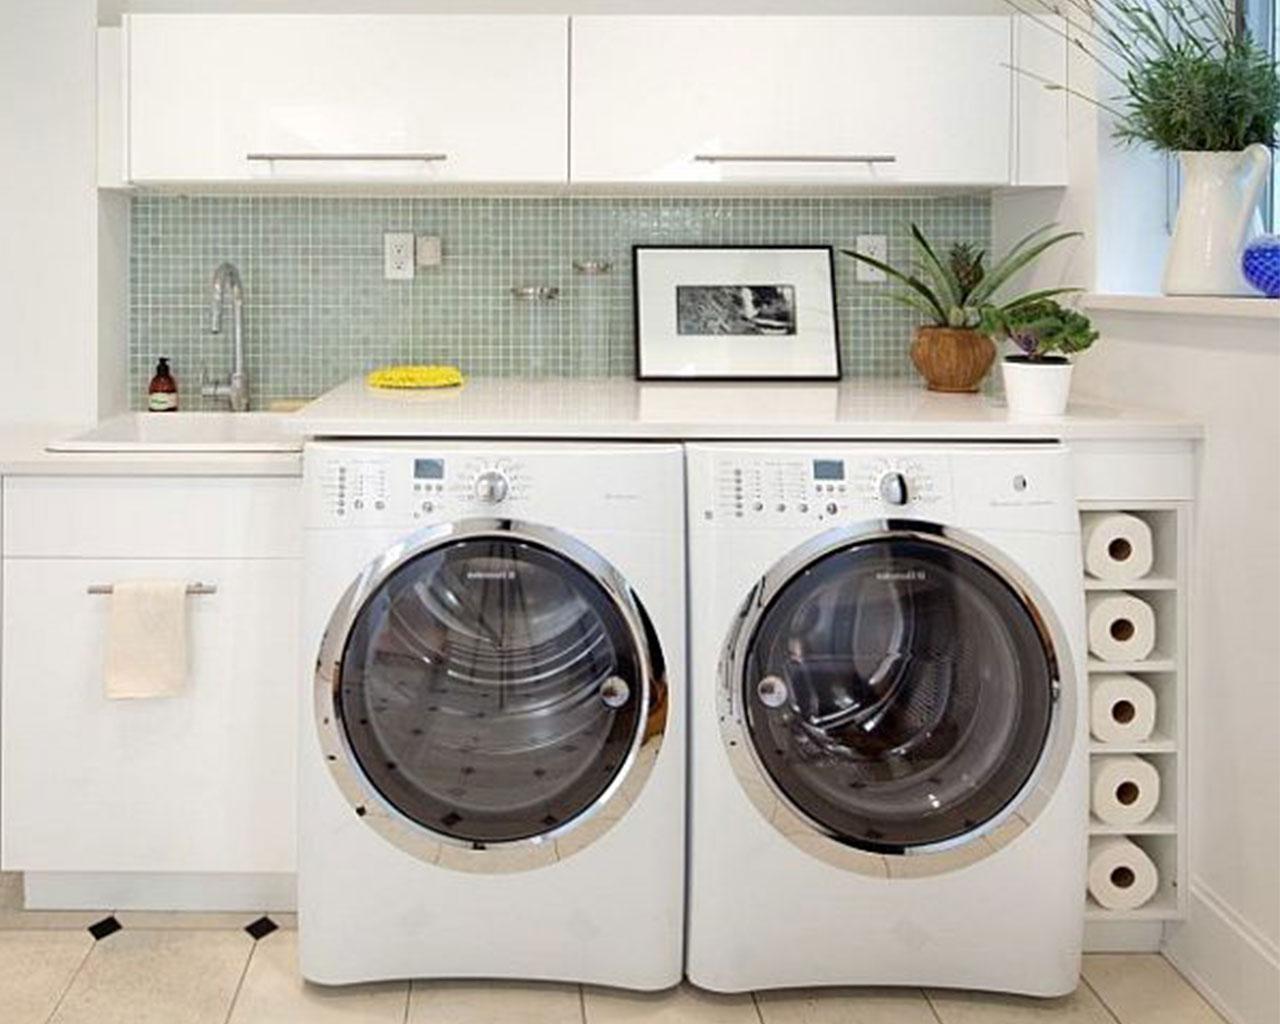 Tư vấn thiết kế nội thất căn hộ chung cư theo dạng studio có diện tích 44m² để cho thuê với chi phí 42 triệu - Ảnh 11.